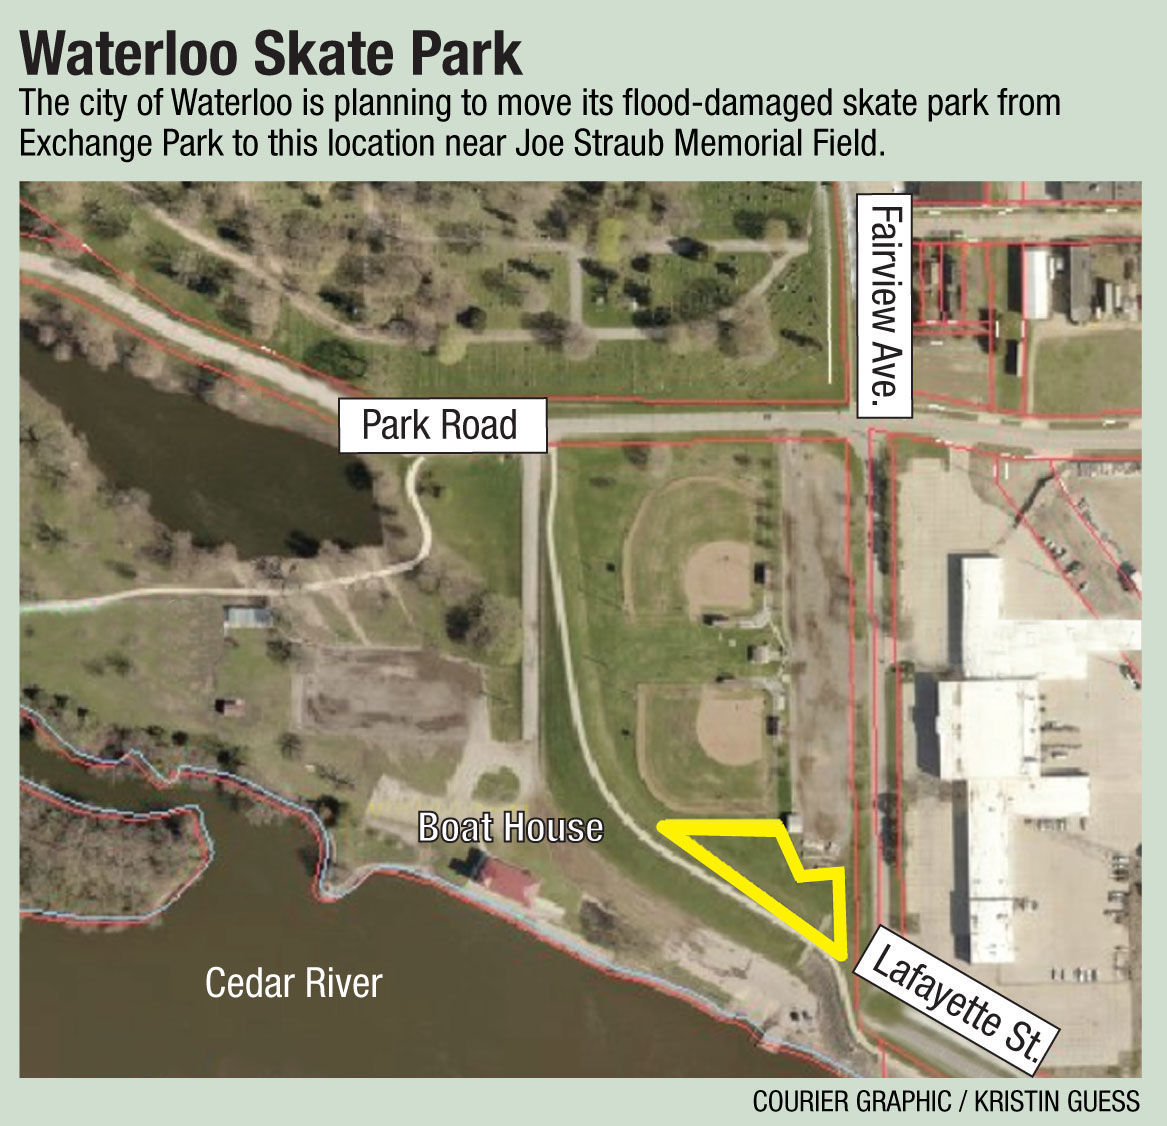 Waterloo Skate Park map